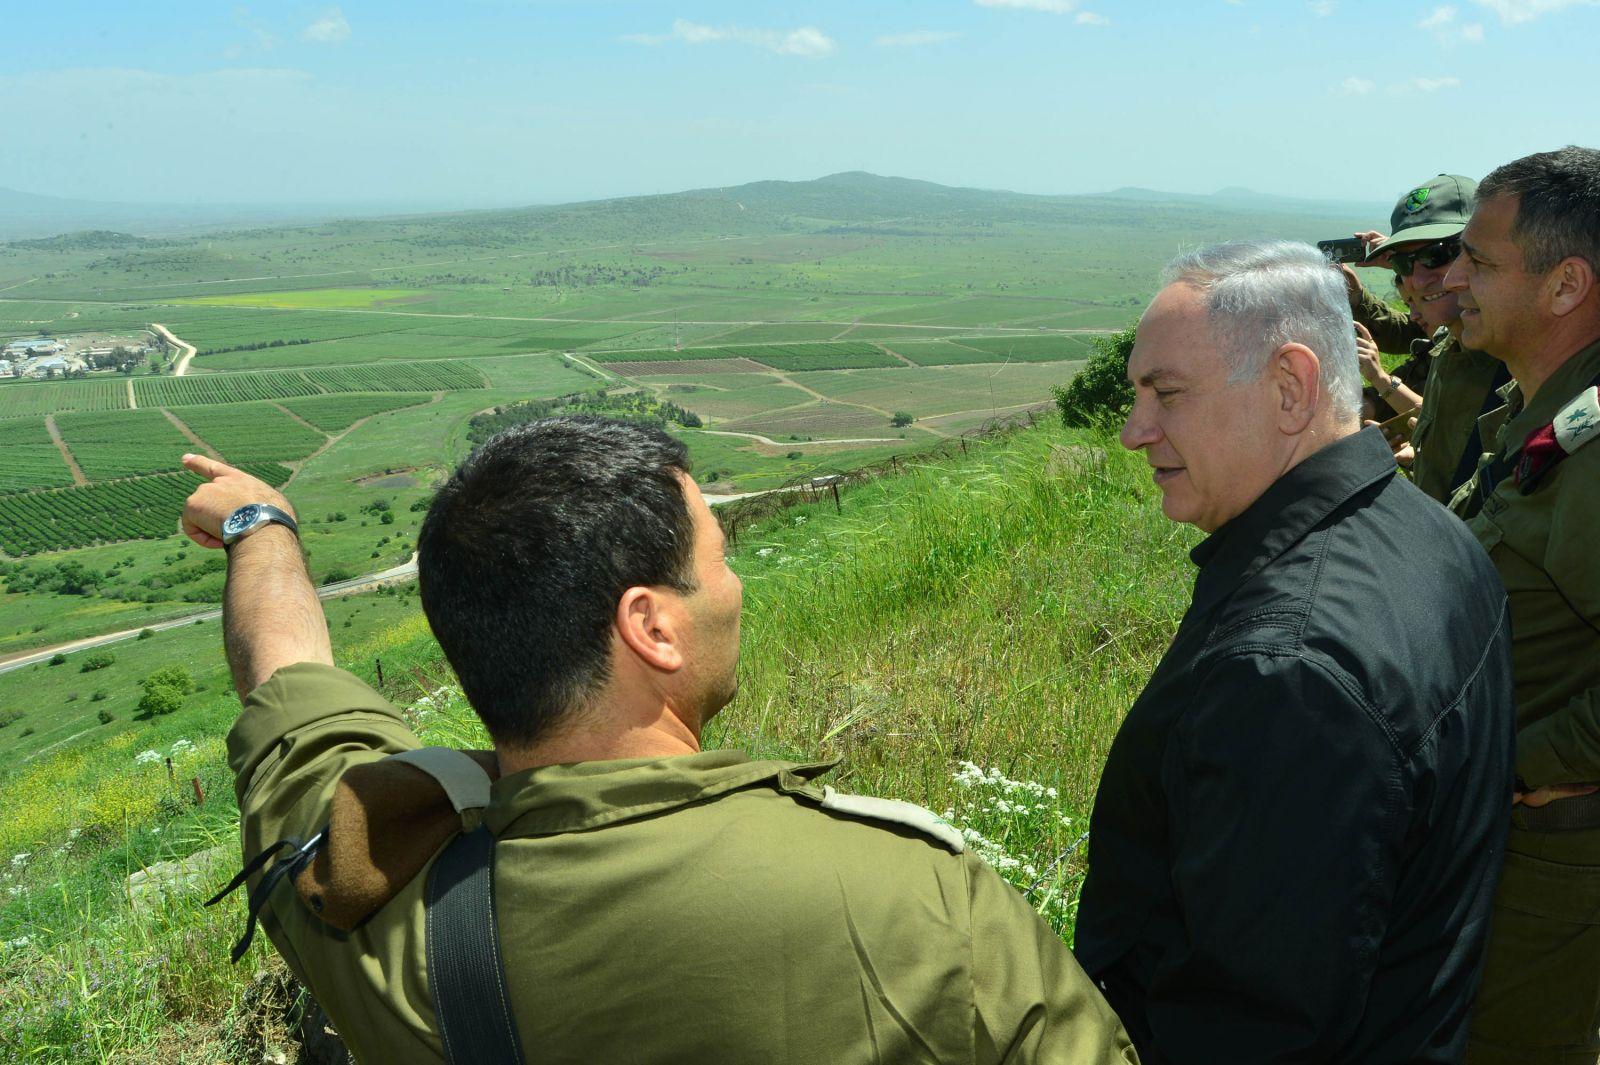 إسرائيل تعتزم البقاء في مرتفعات الجولان إلى الأبد